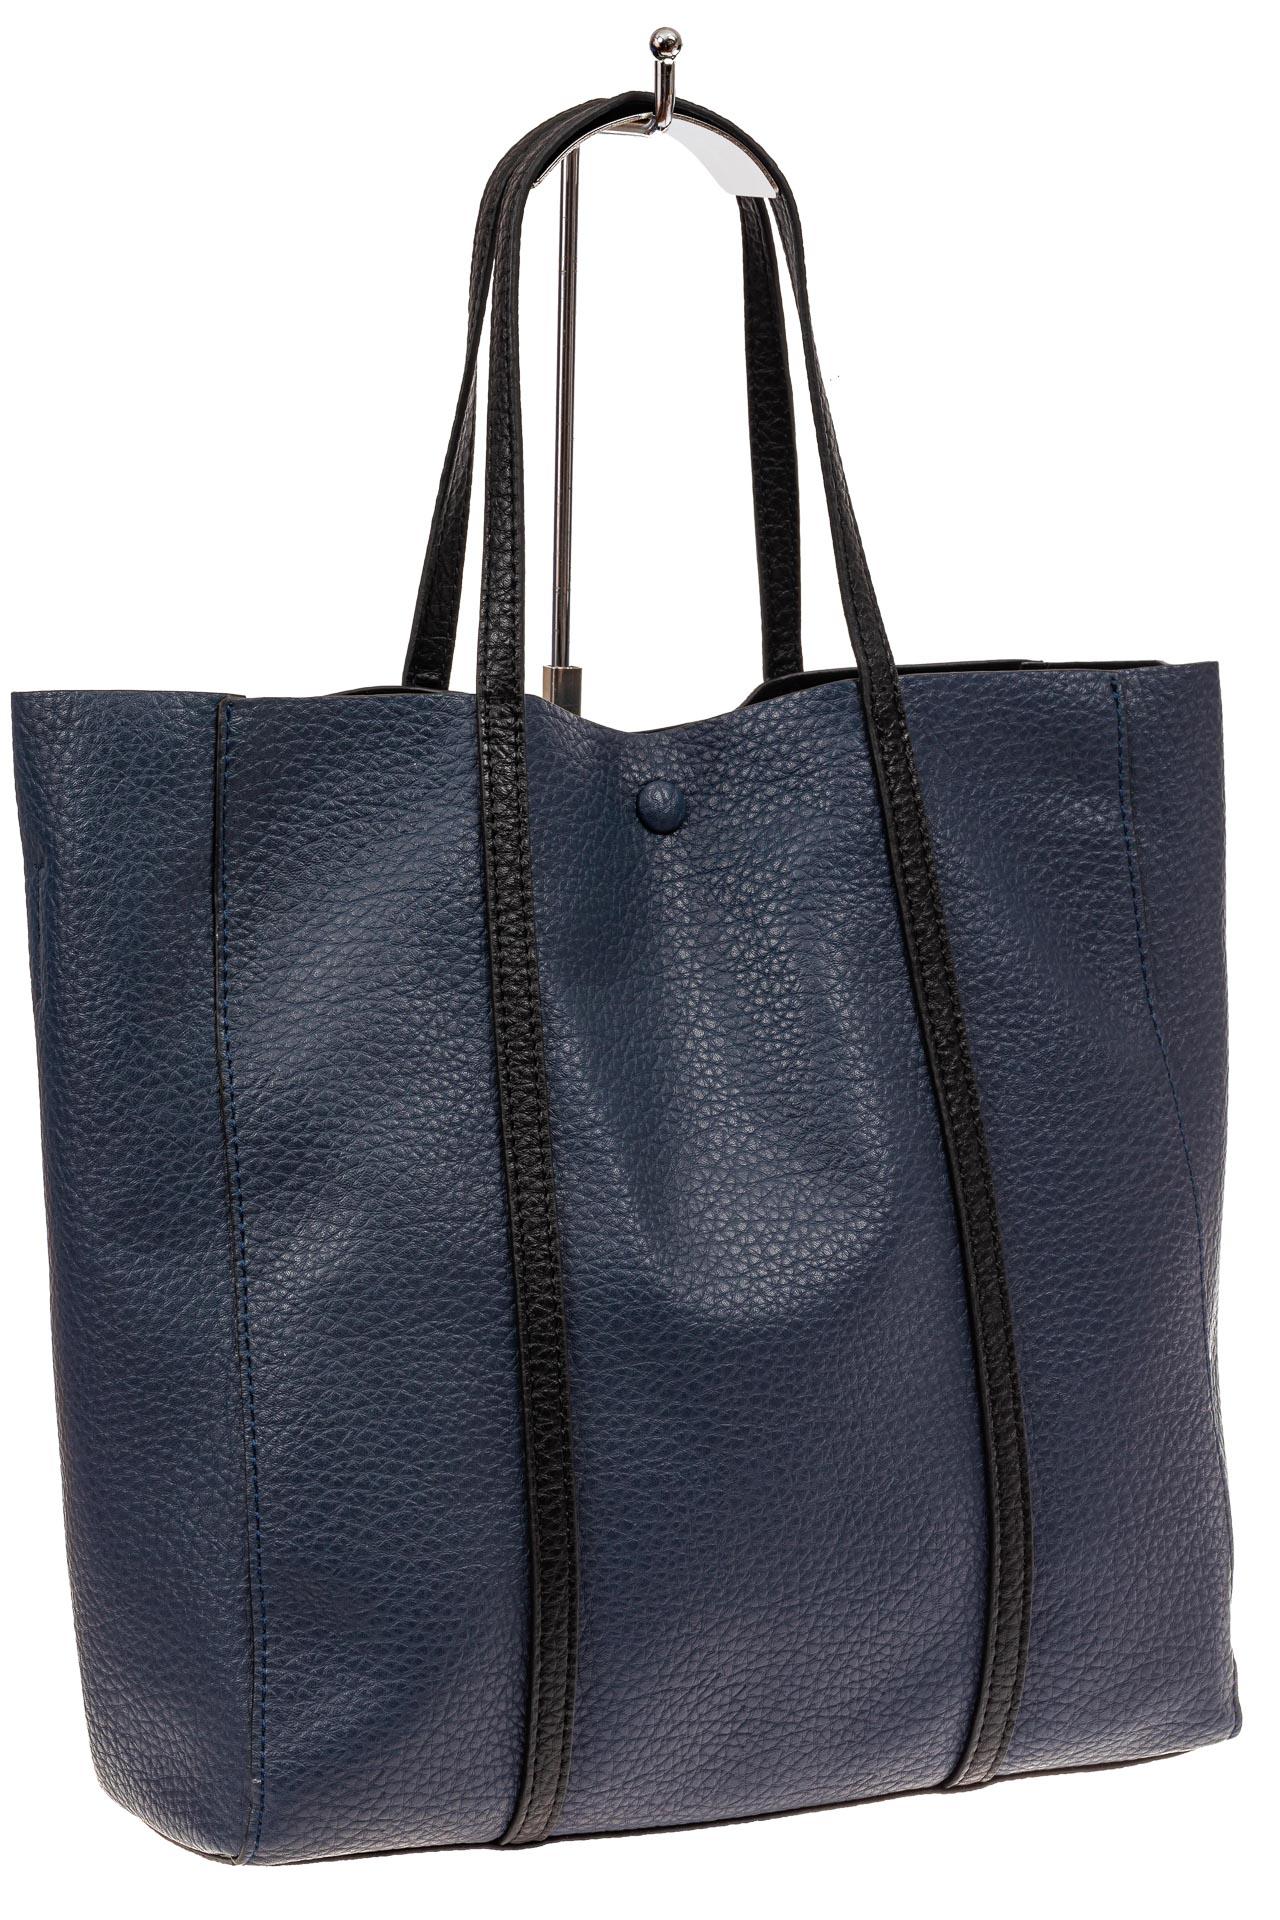 Сумка женская шоппер из натуральной кожи, цвет серо-синий882NK1219/2